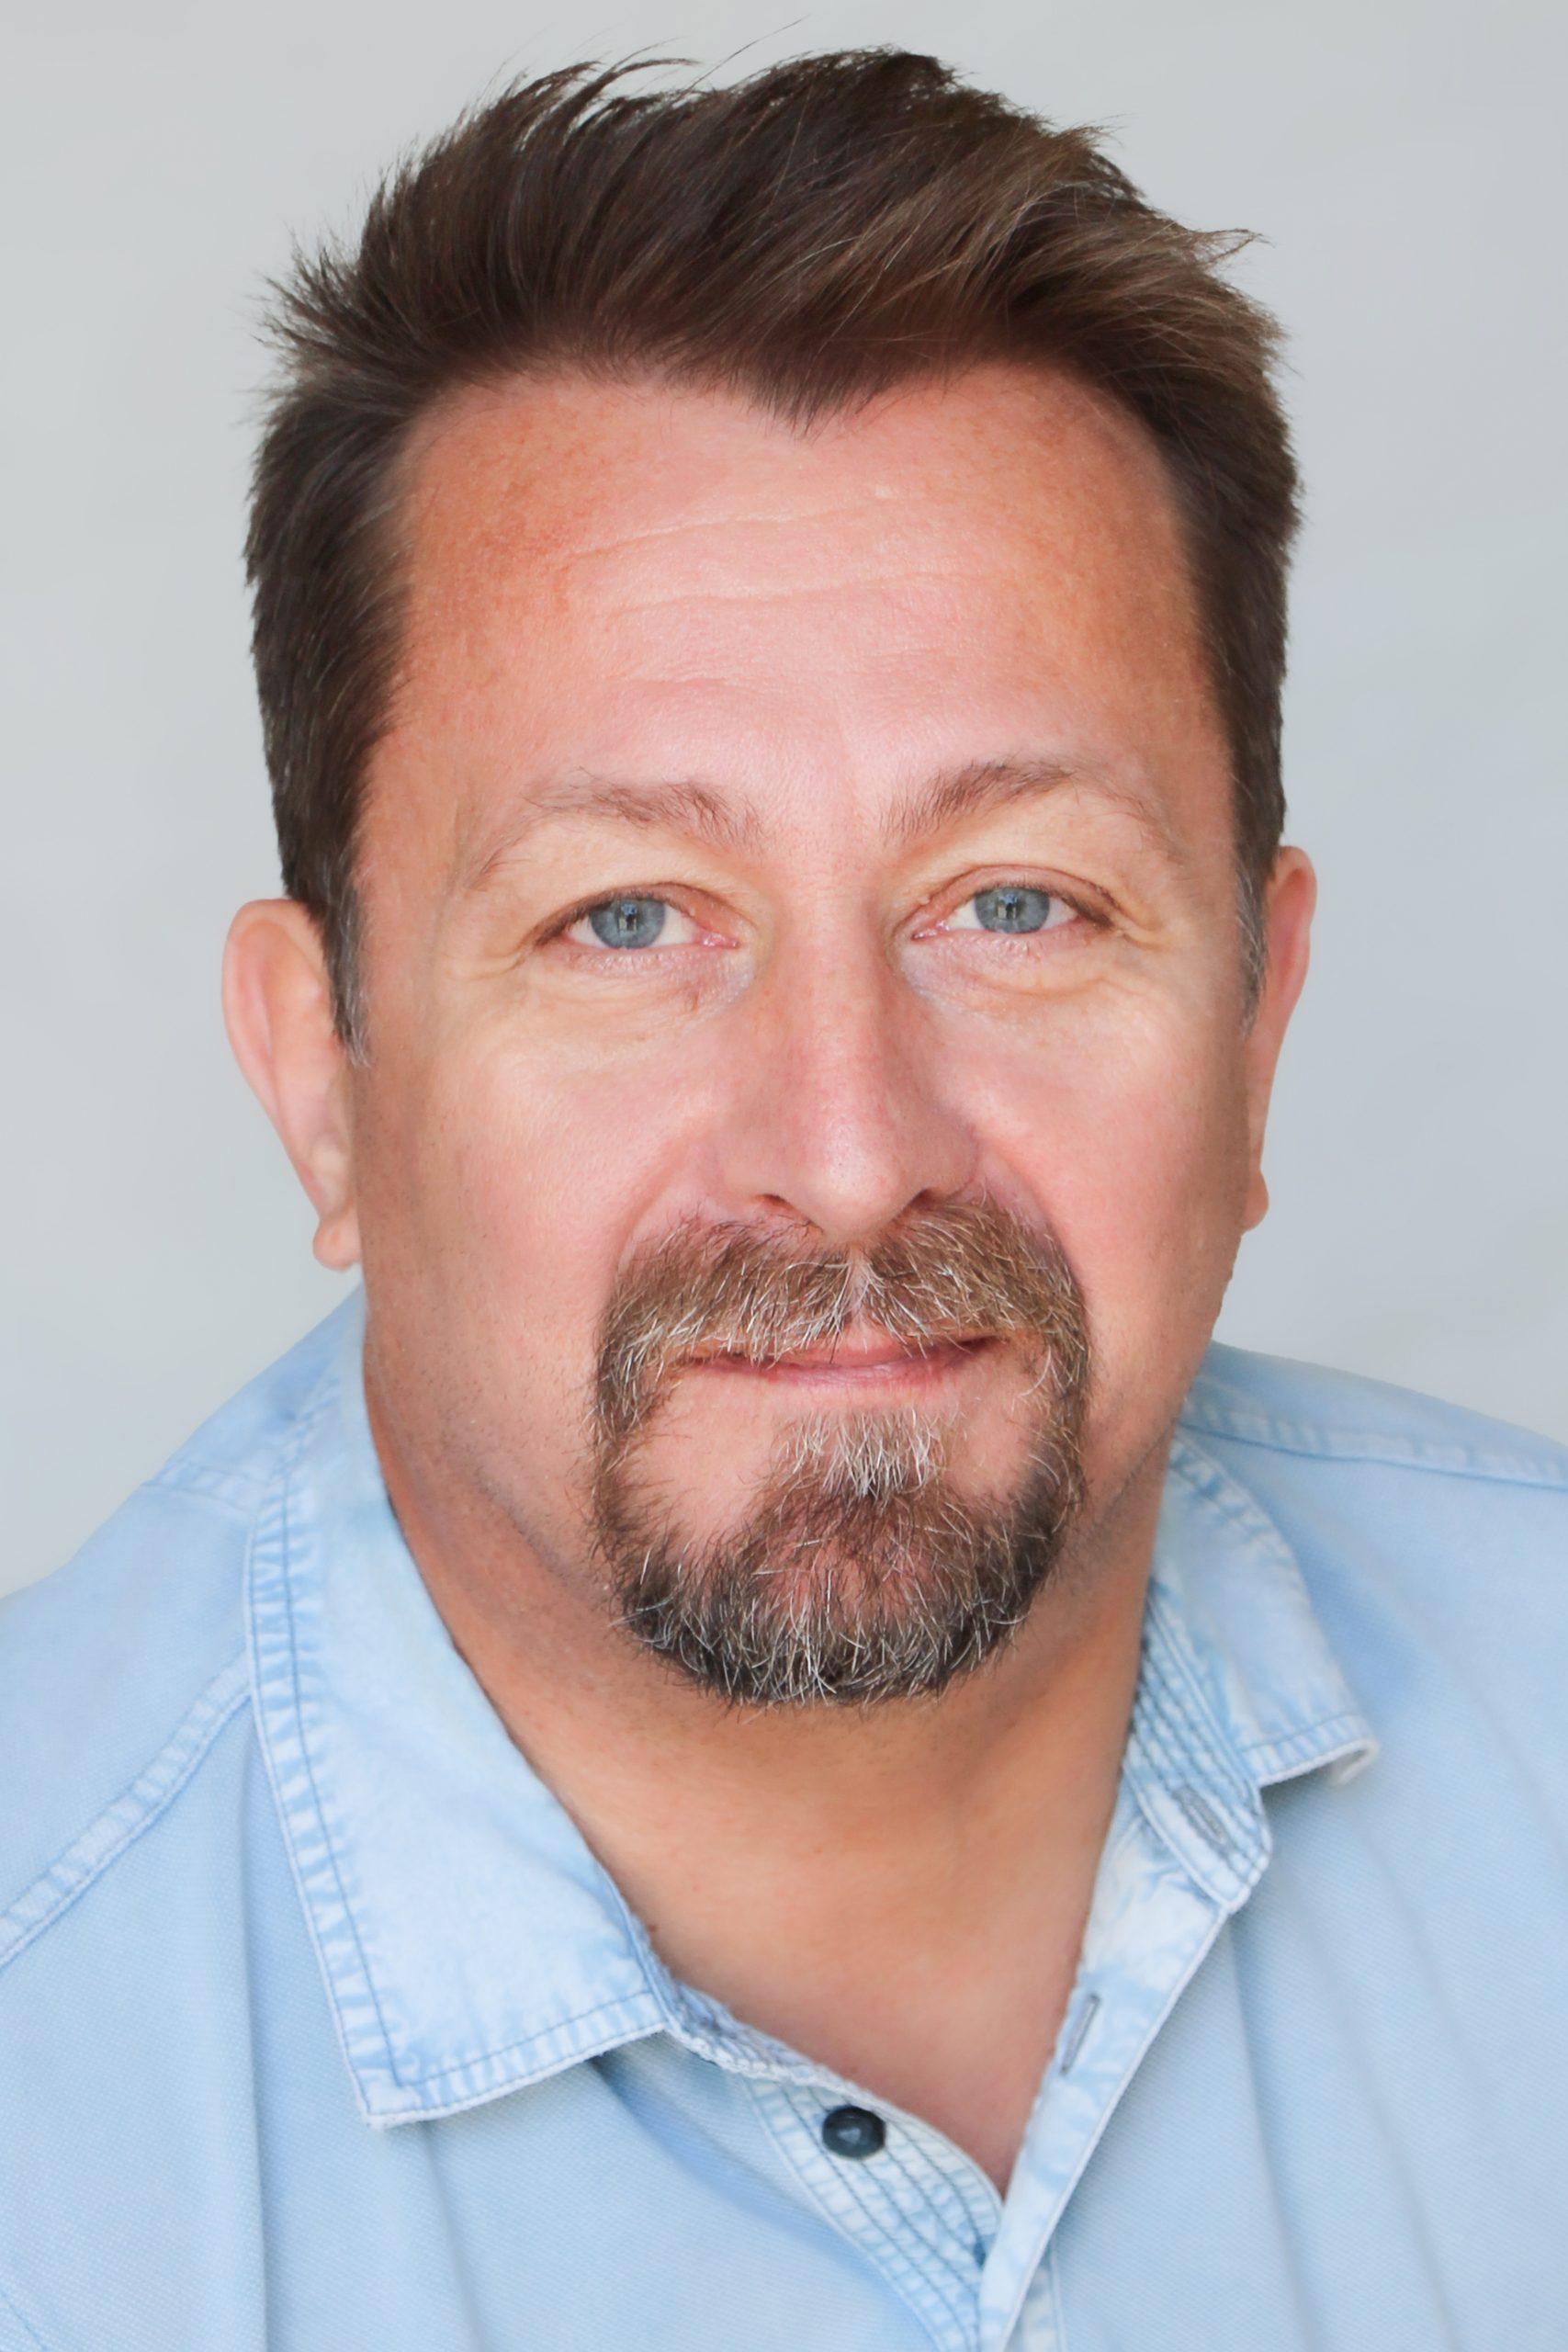 Kuno van der Post MSc., PhD